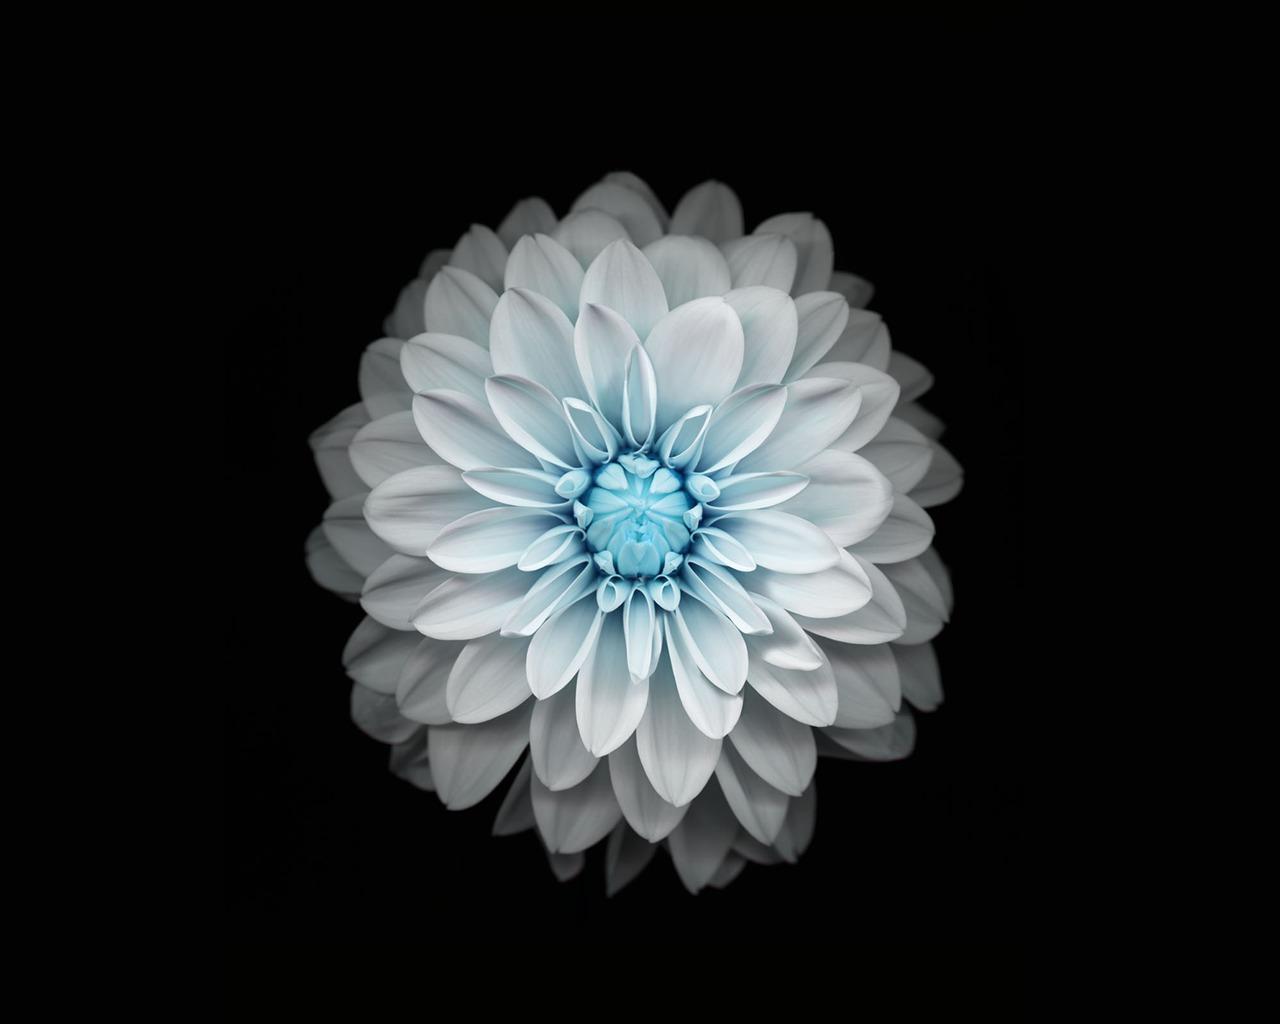 蓝色的花-Apple IOS 8 IPhone 6 Plus高清壁纸预览